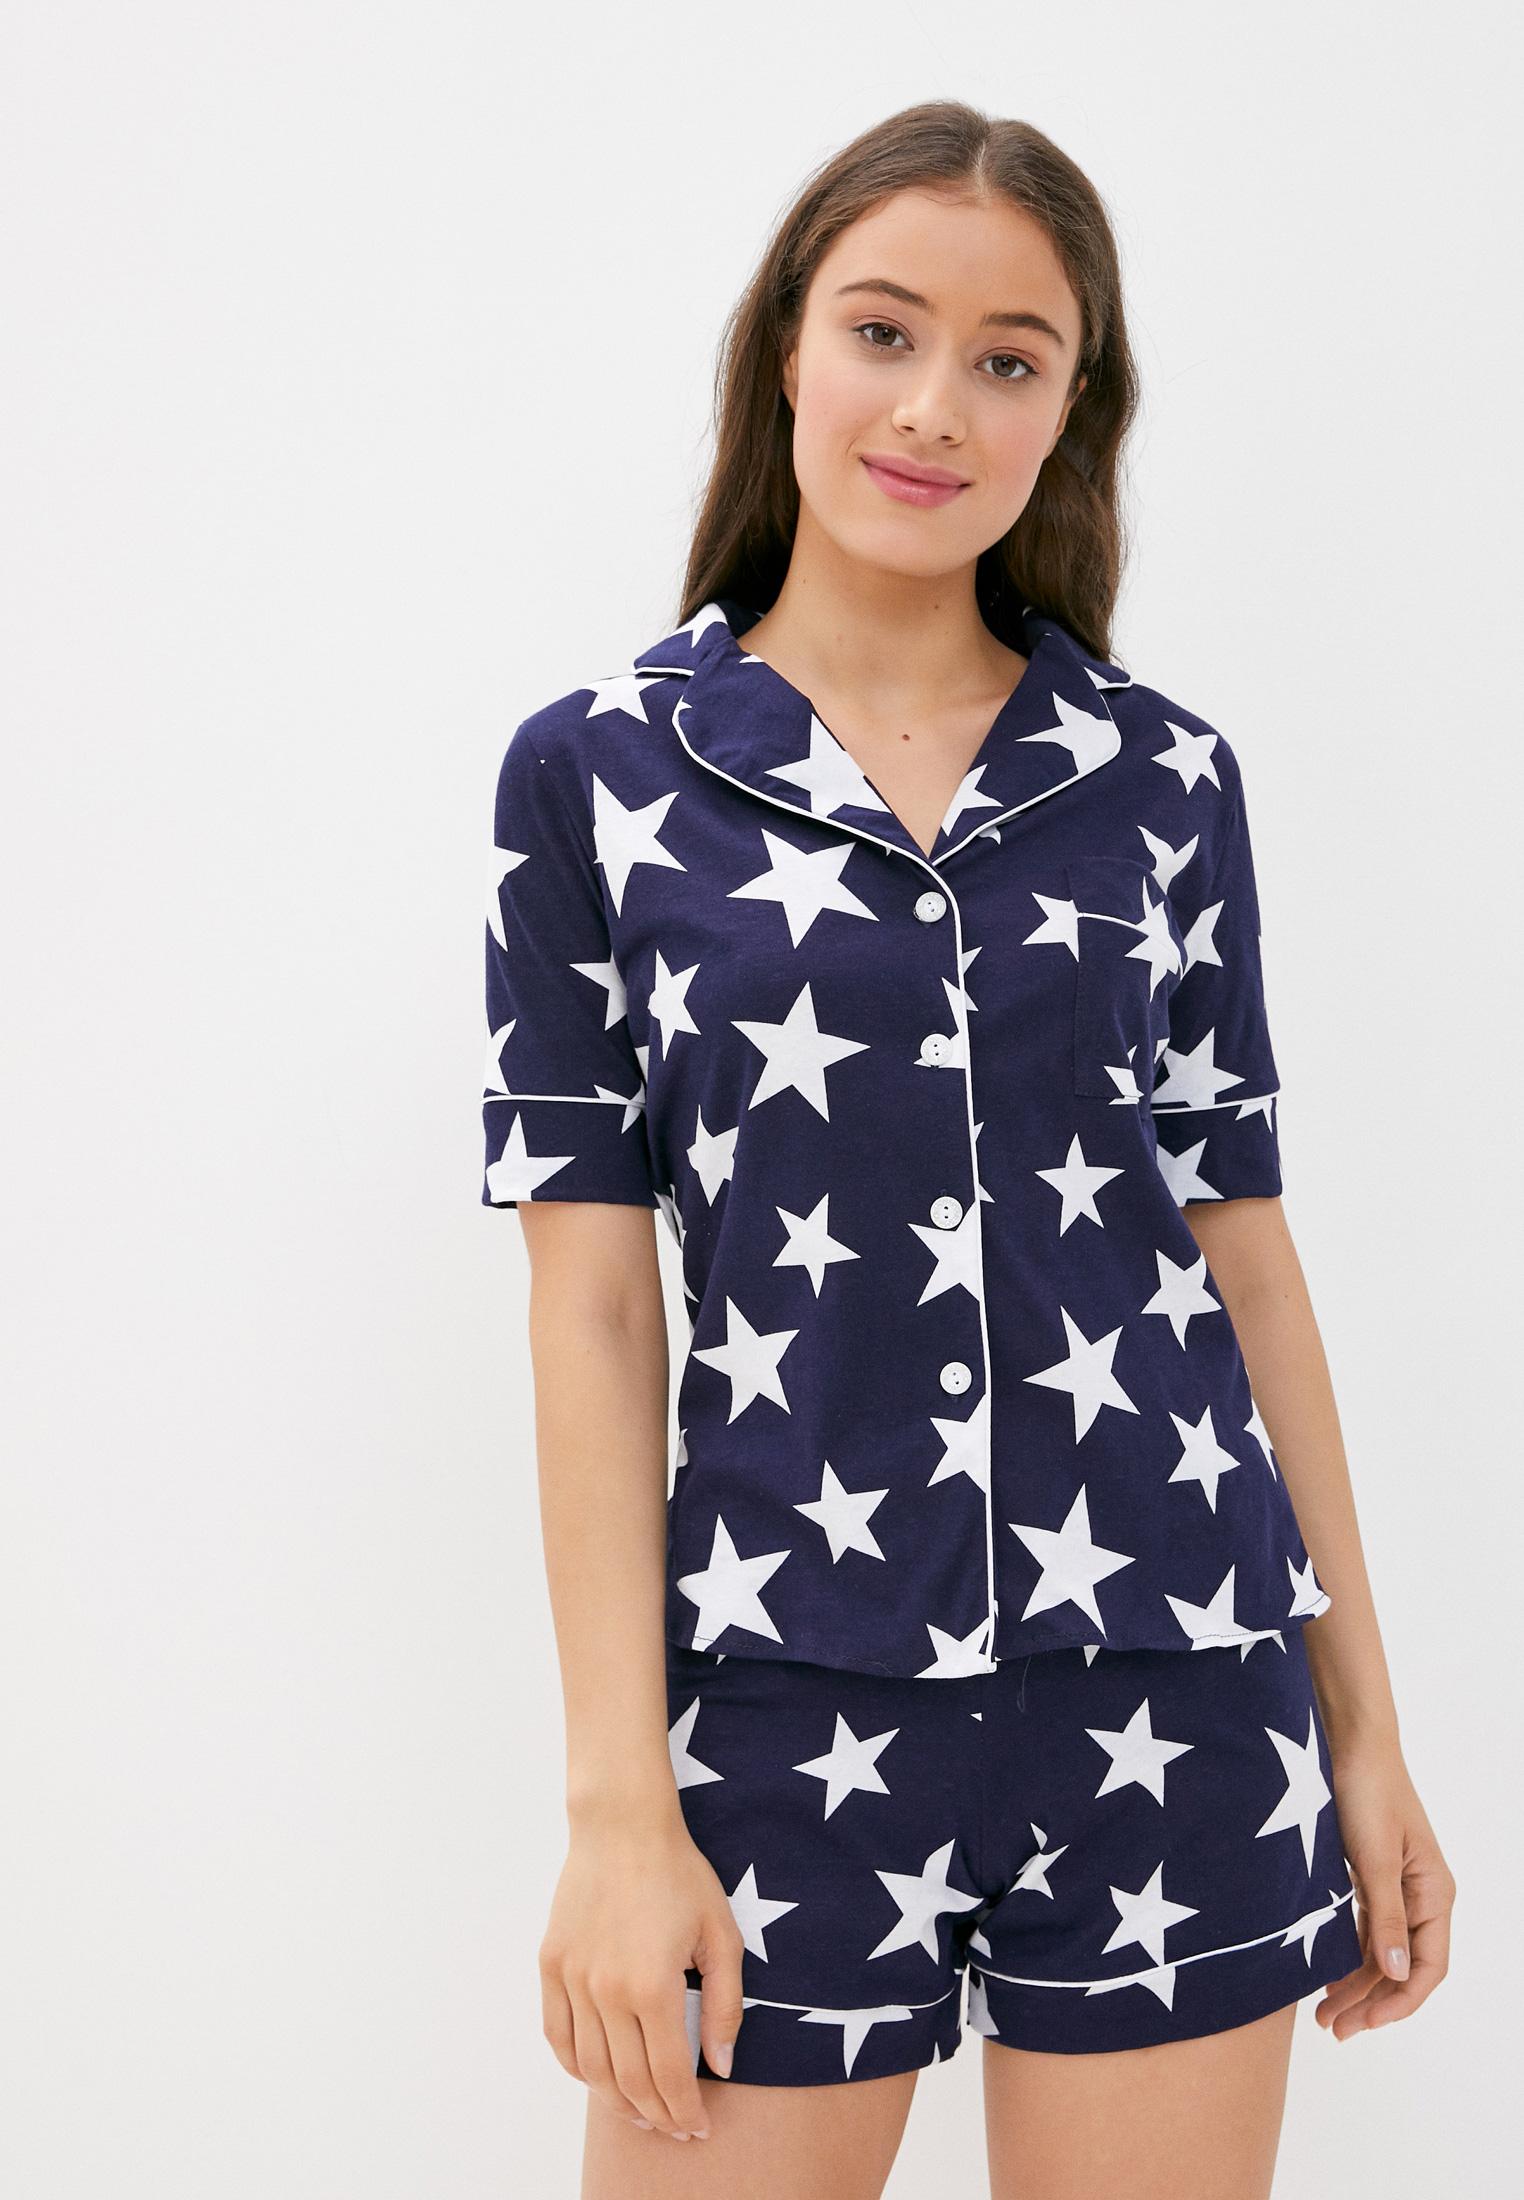 Пижама Winzor П205 синий